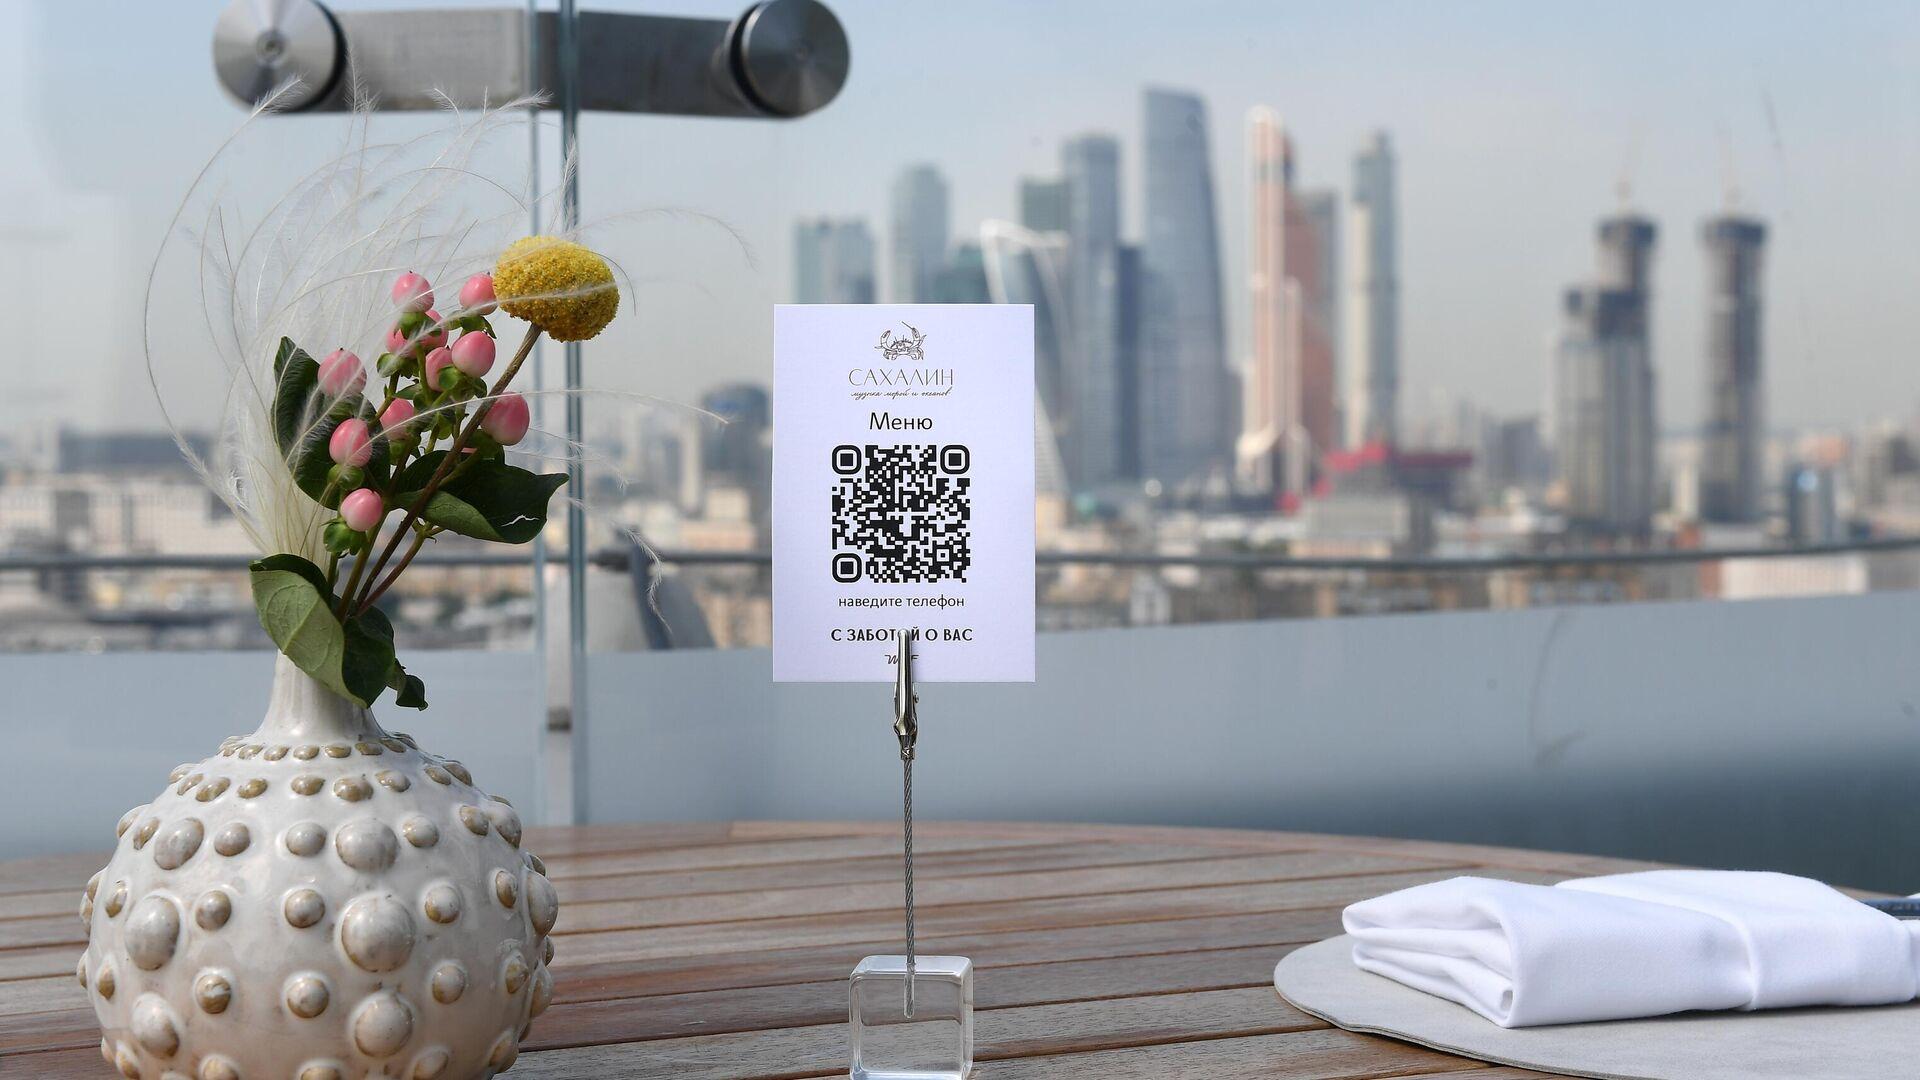 Электронное меню (QR код) на столике летней веранды ресторана Сахалин в Москве - РИА Новости, 1920, 05.07.2021